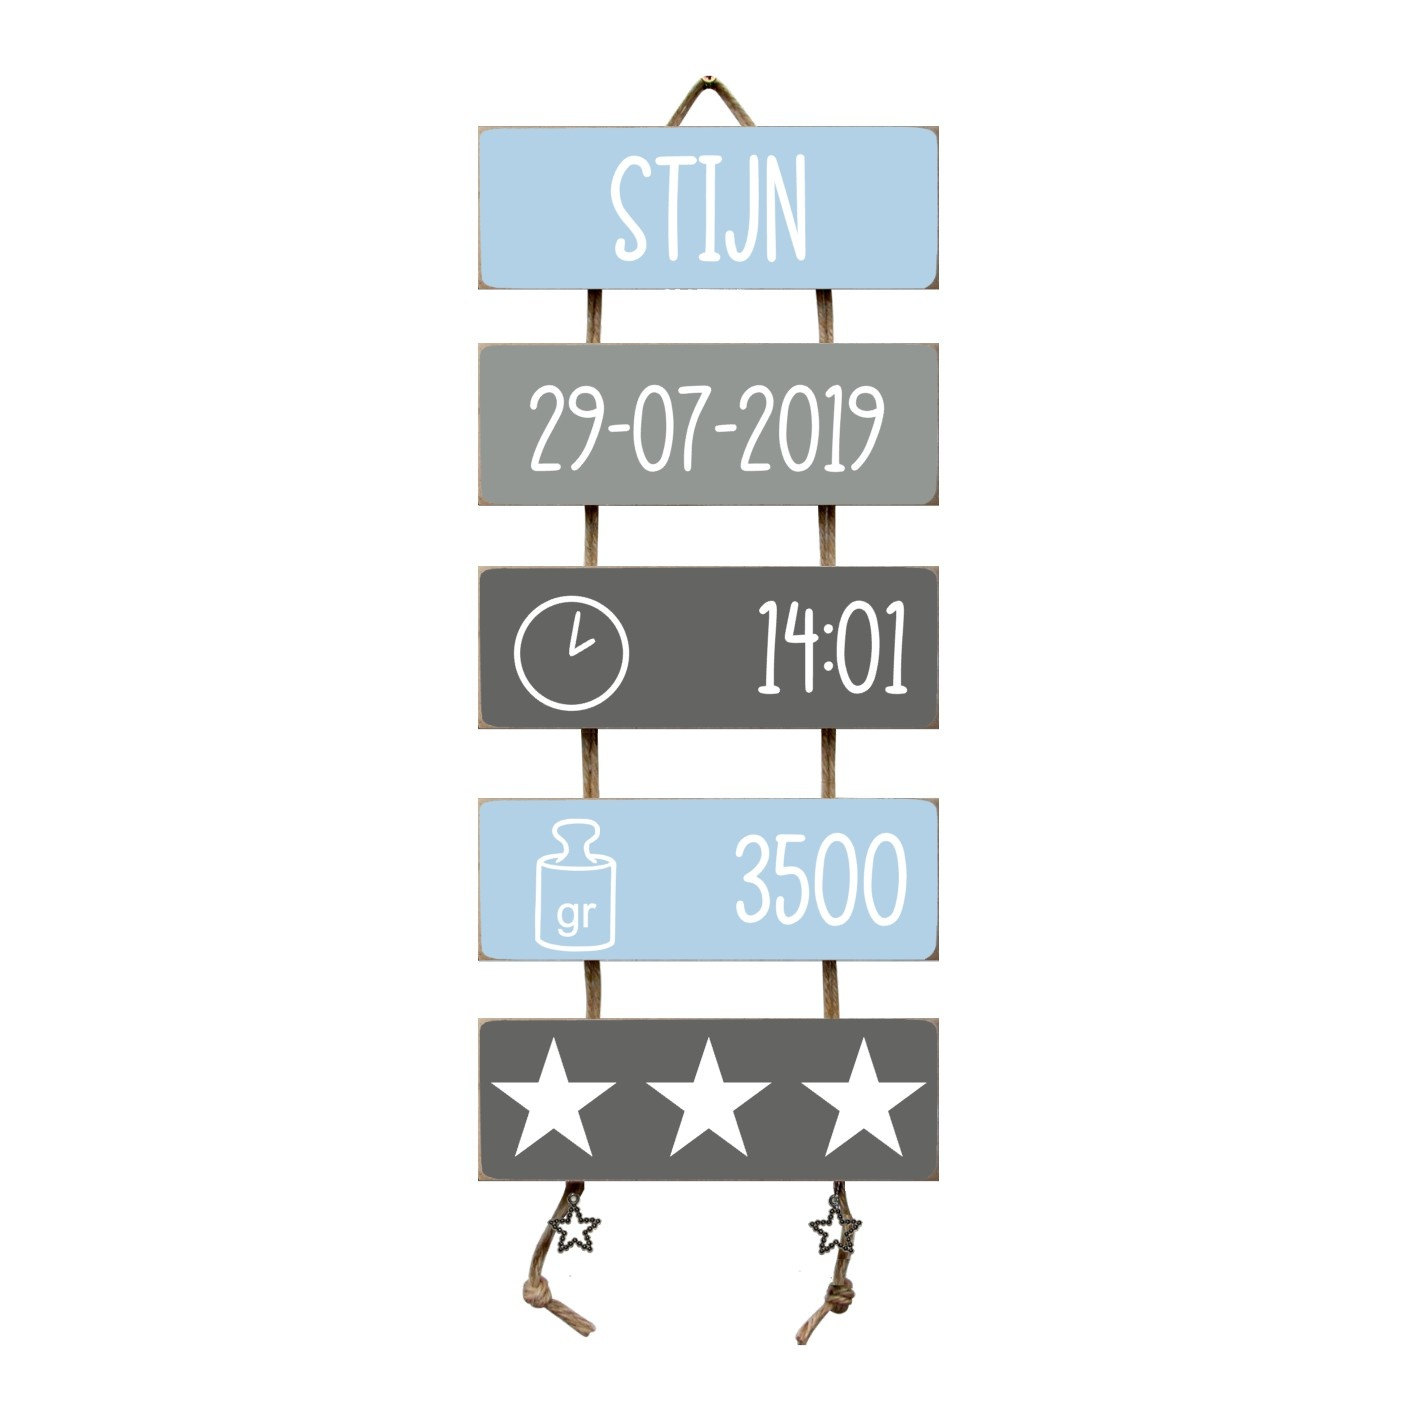 Kraamcadeau Geboorteladder Stijn lichtblauw/grijs